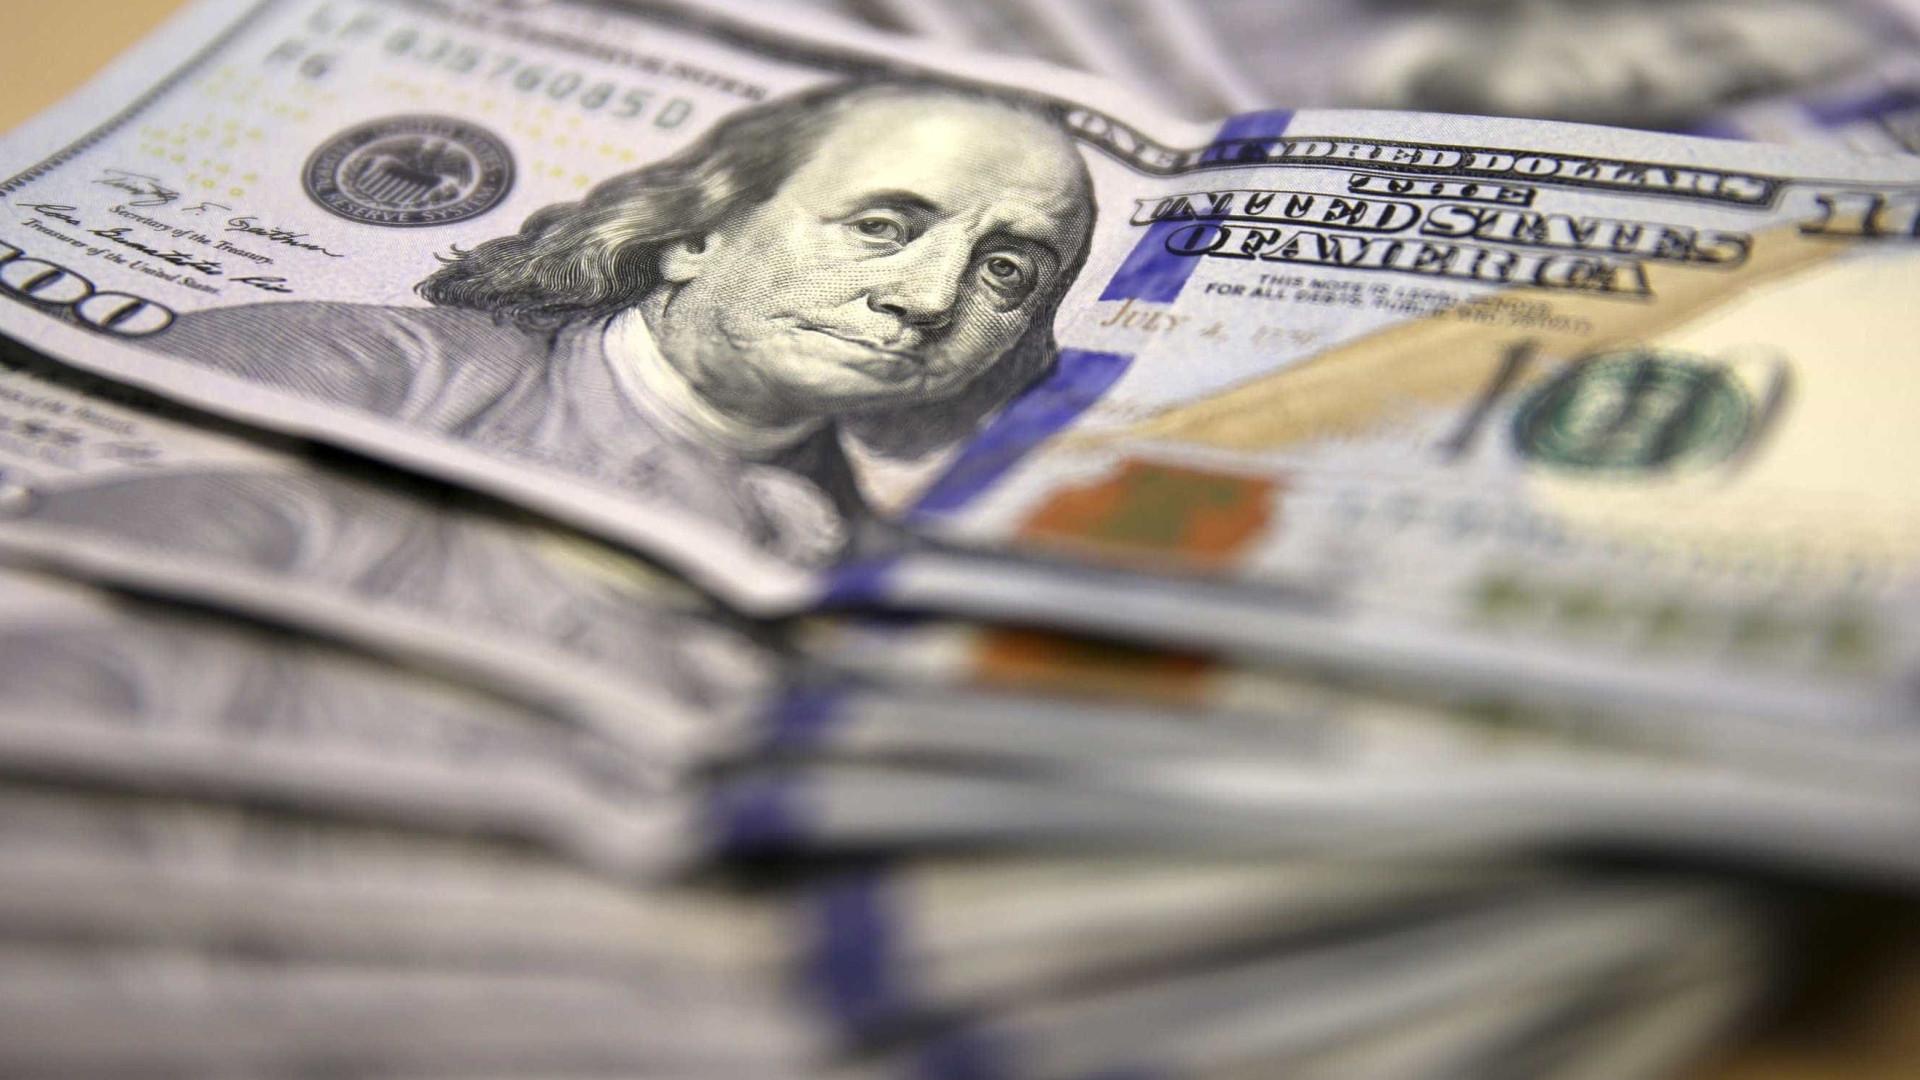 Homem preso por engano durante 25 anos é indenizado em R$ 38 milhões